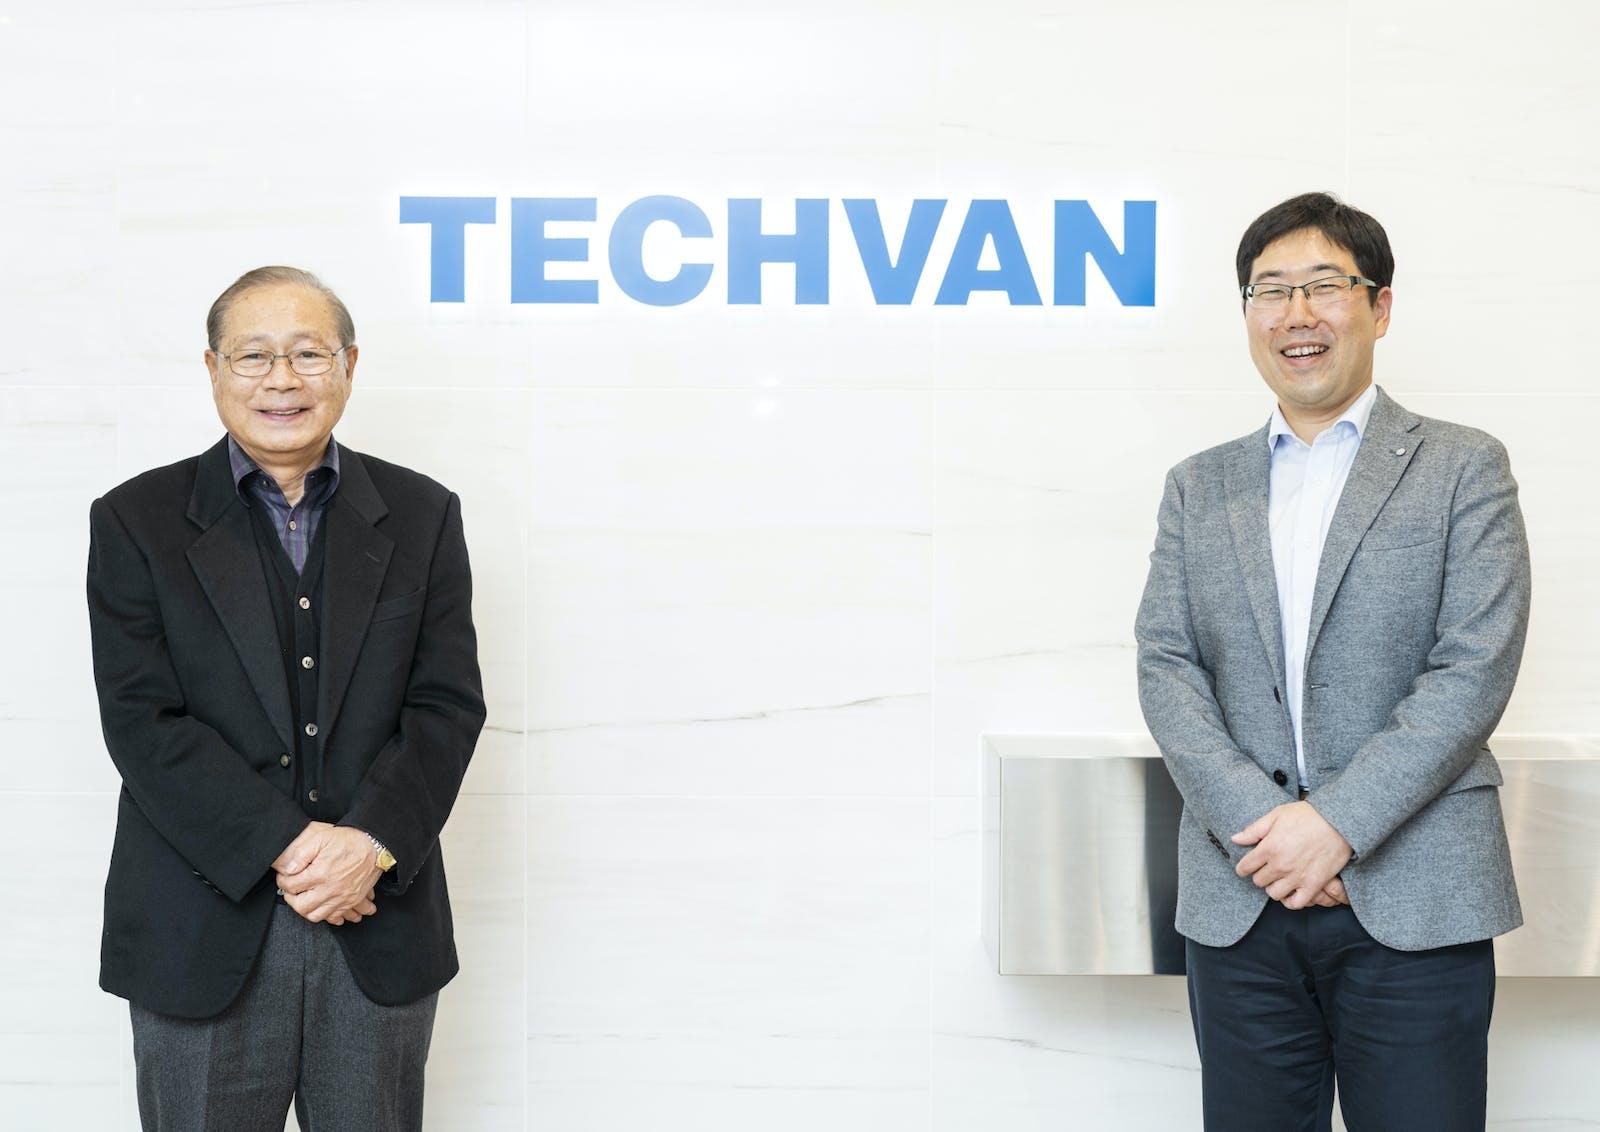 テクバン株式会社のアイキャッチ画像